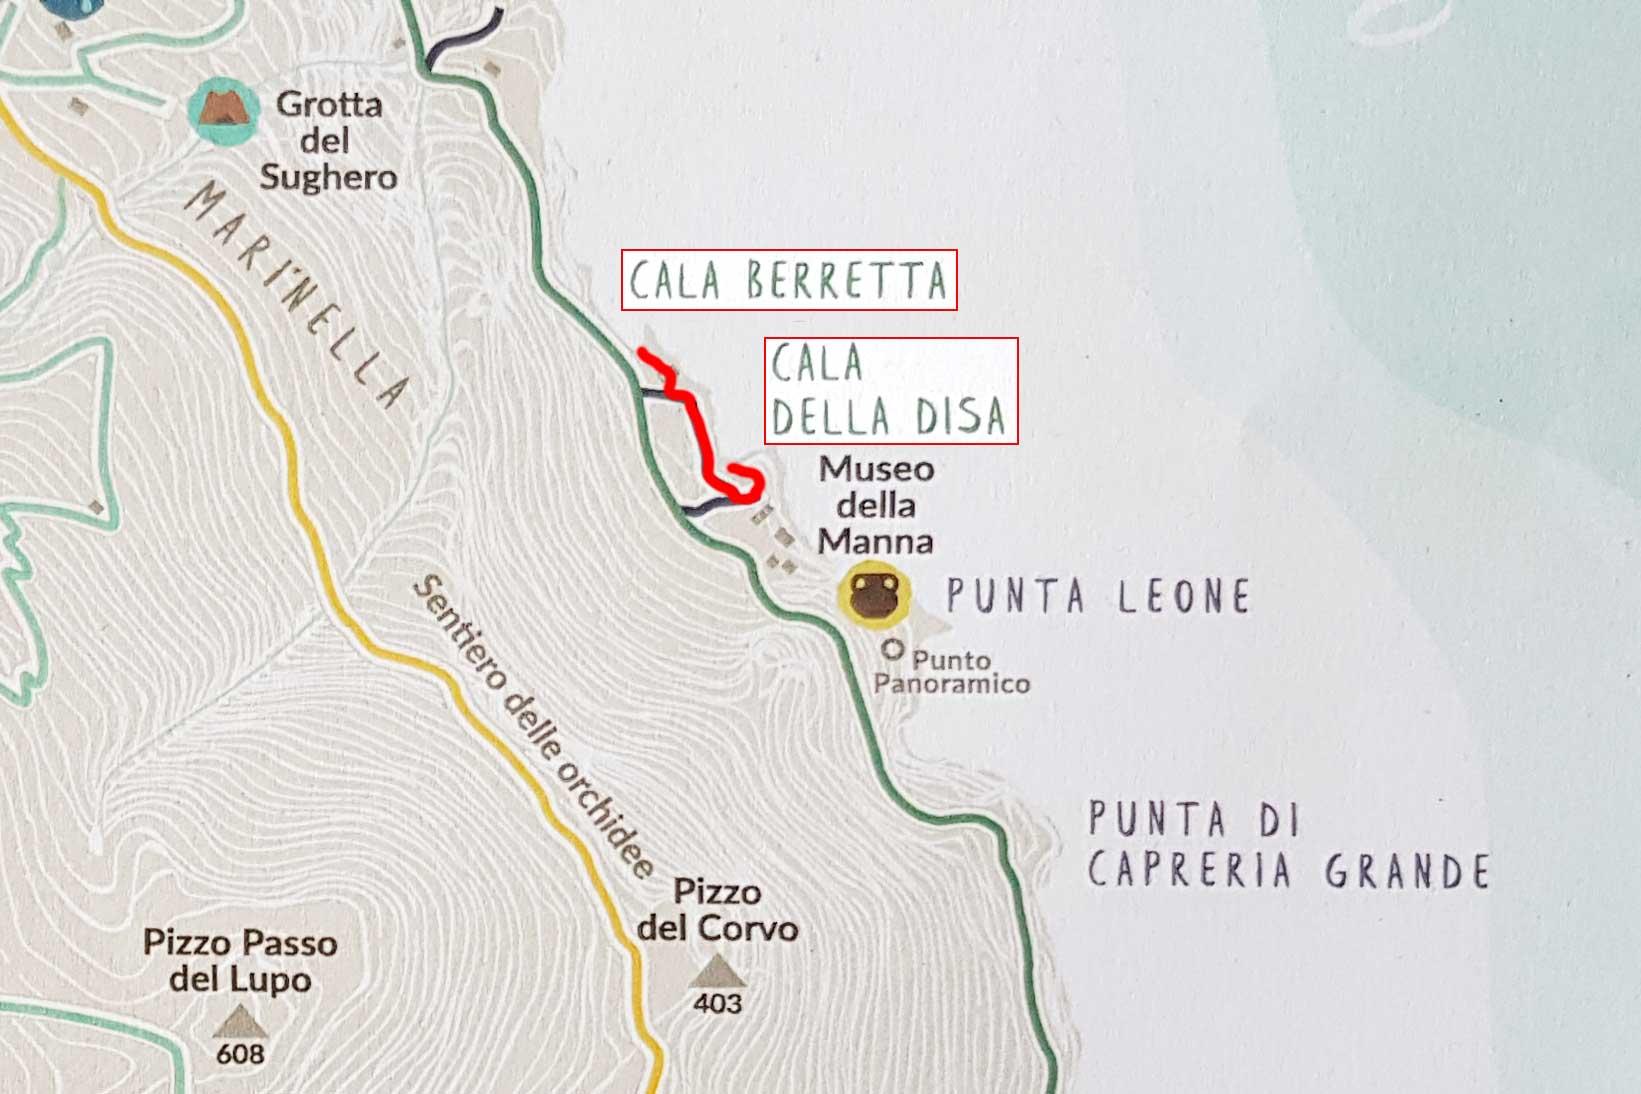 Van Cala della Disa naar Cala Berretta